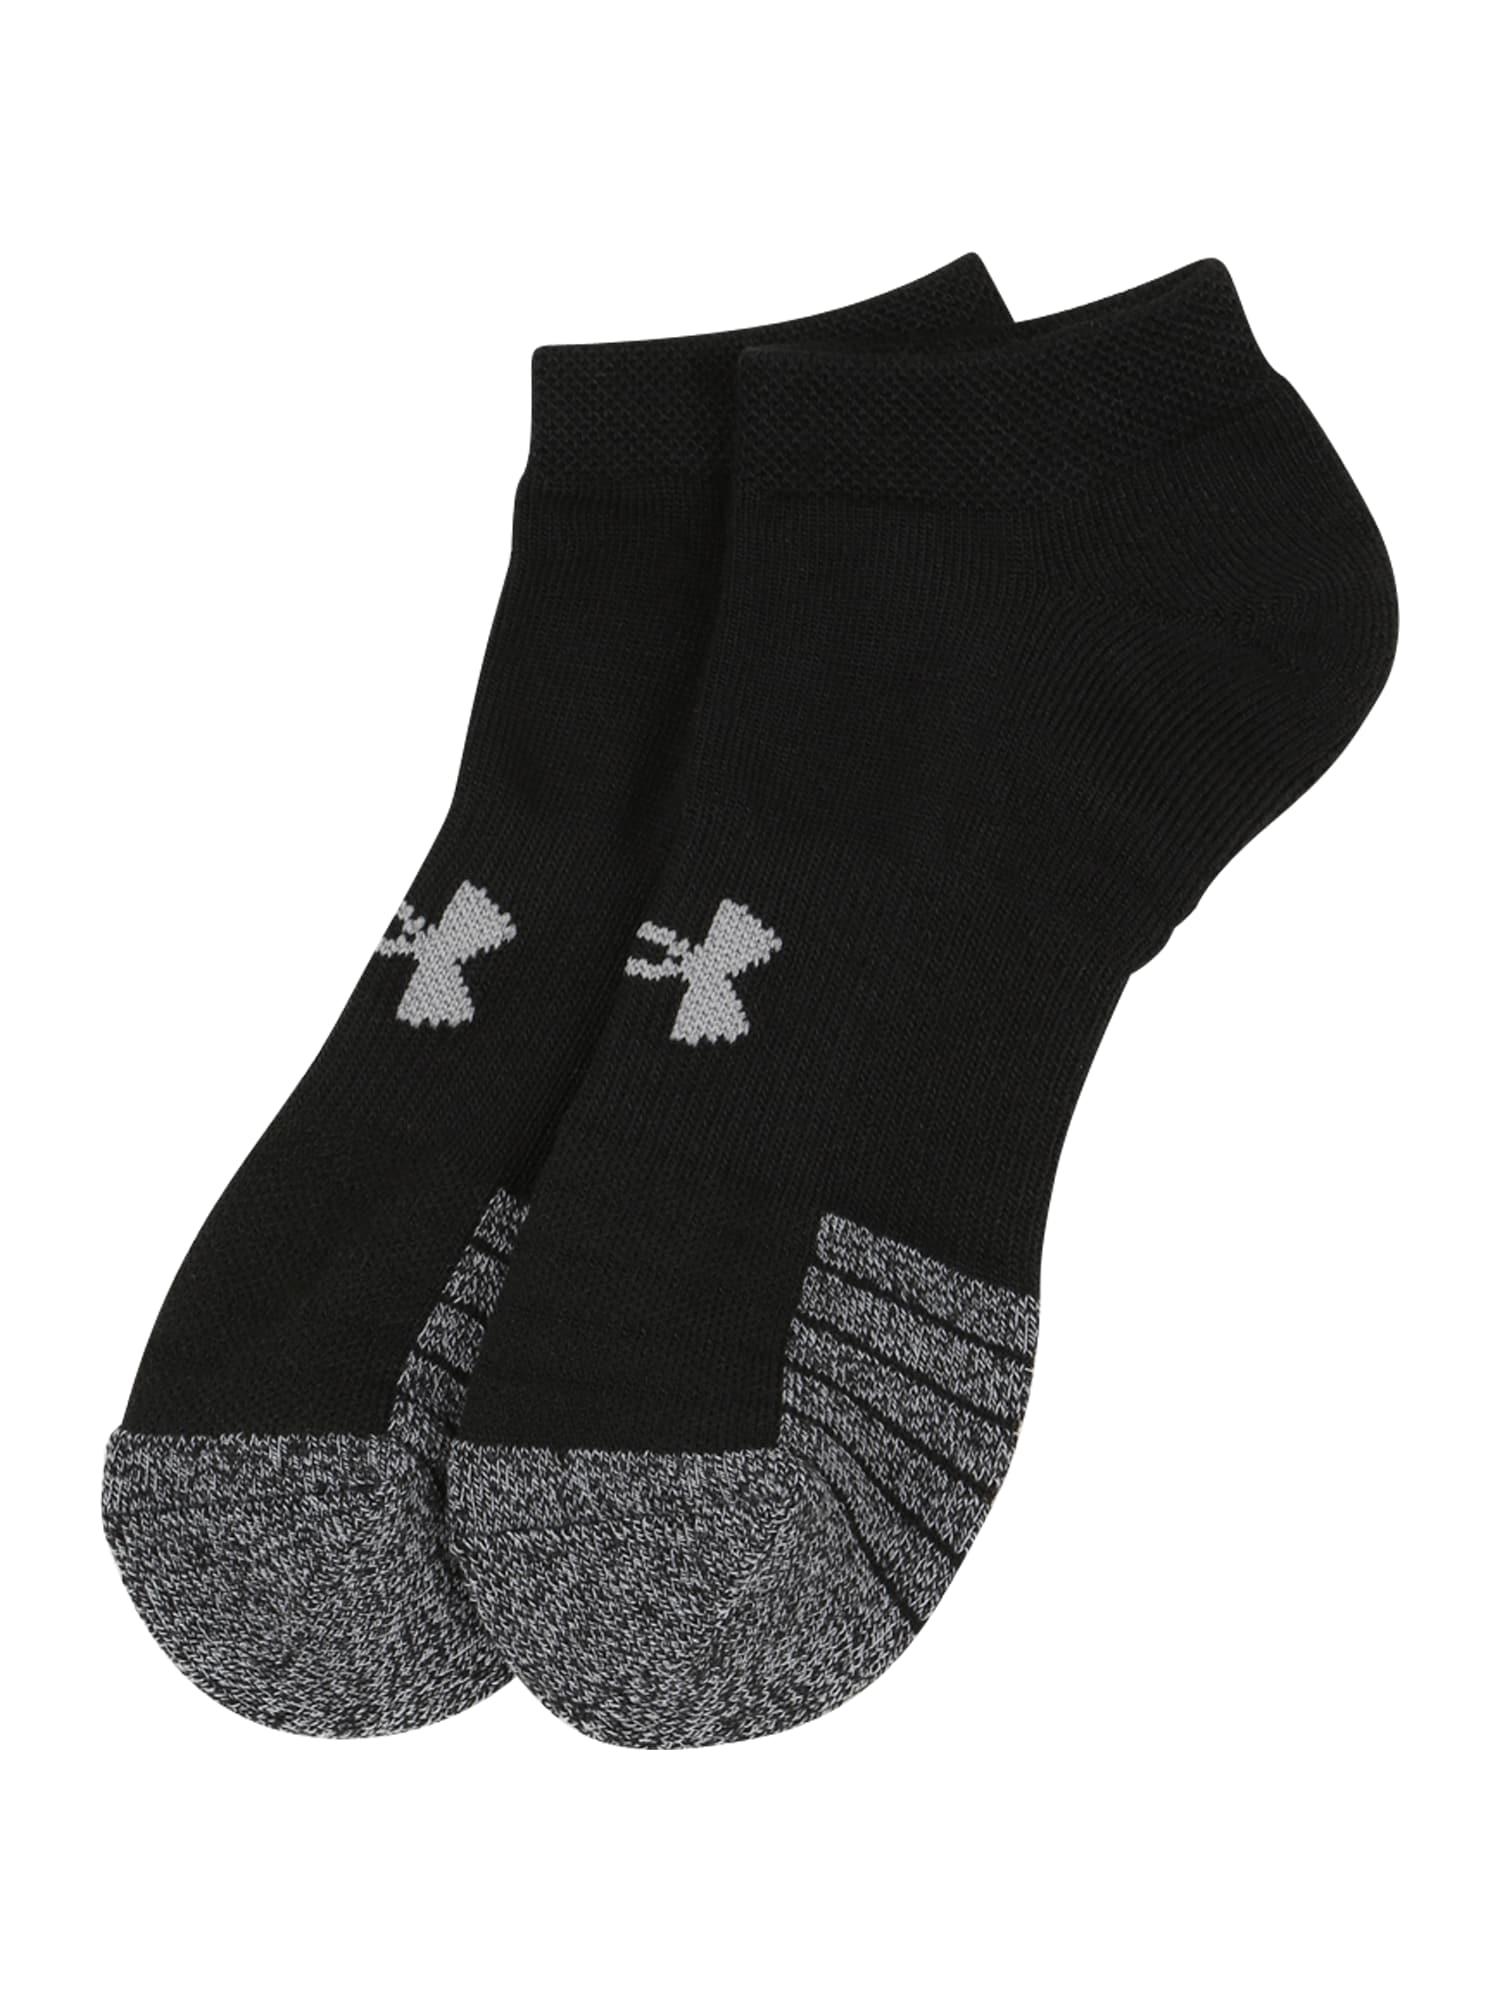 UNDER ARMOUR Sportinės kojinės juoda / pilka